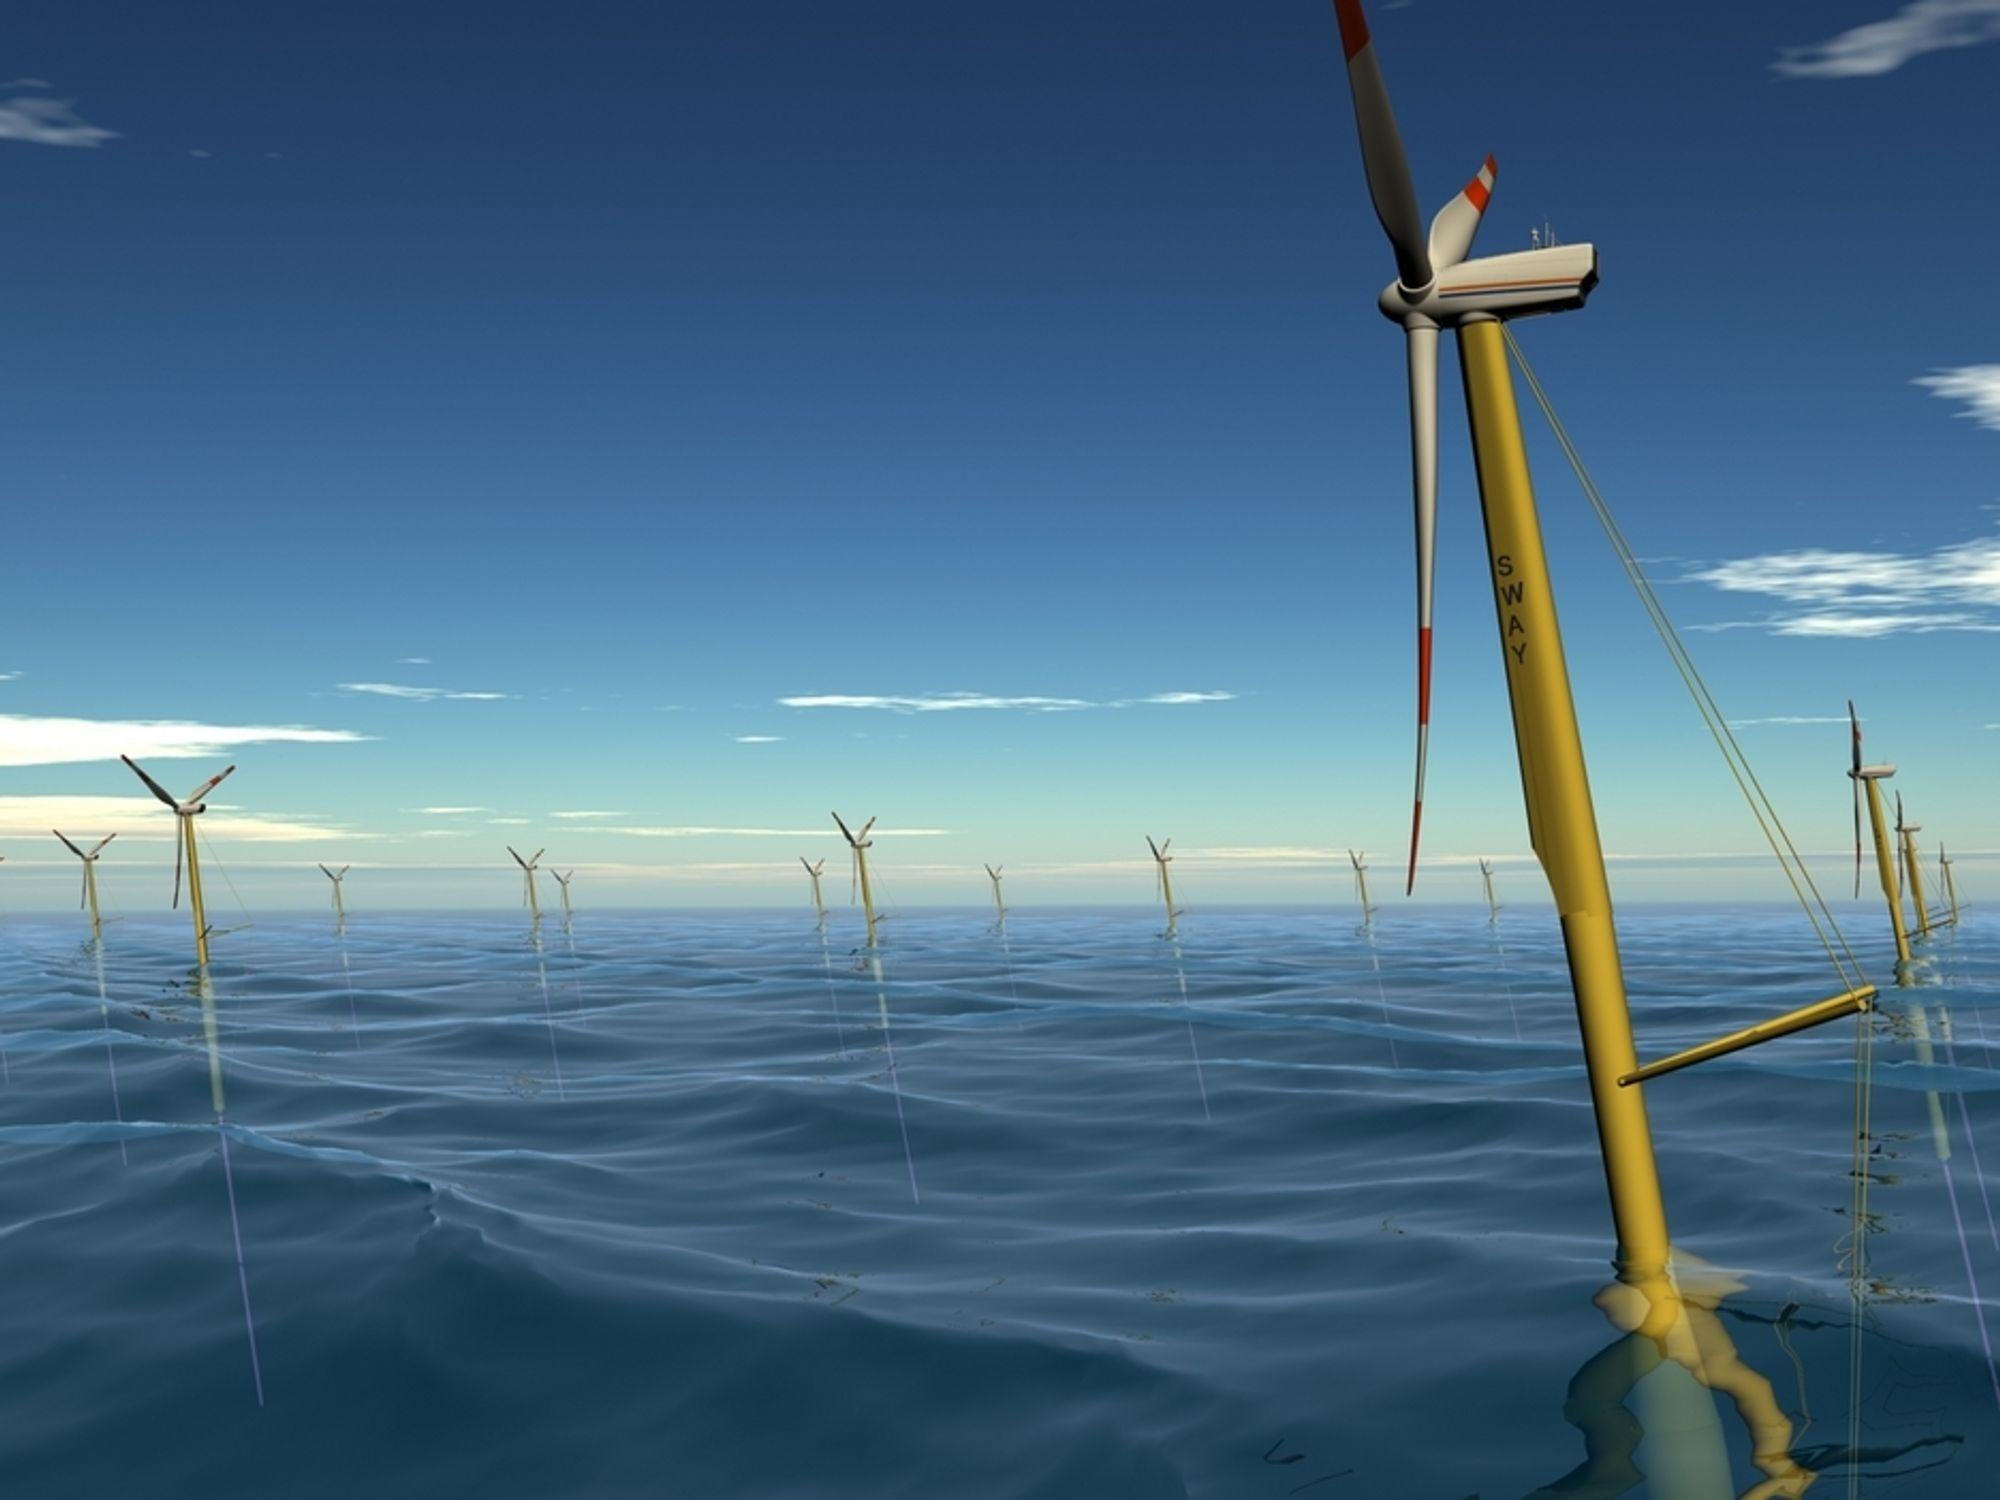 Sway har fått konsesjon fra NVE til å teste sin 10 MW-turbin i Øygarden i Hordaland.